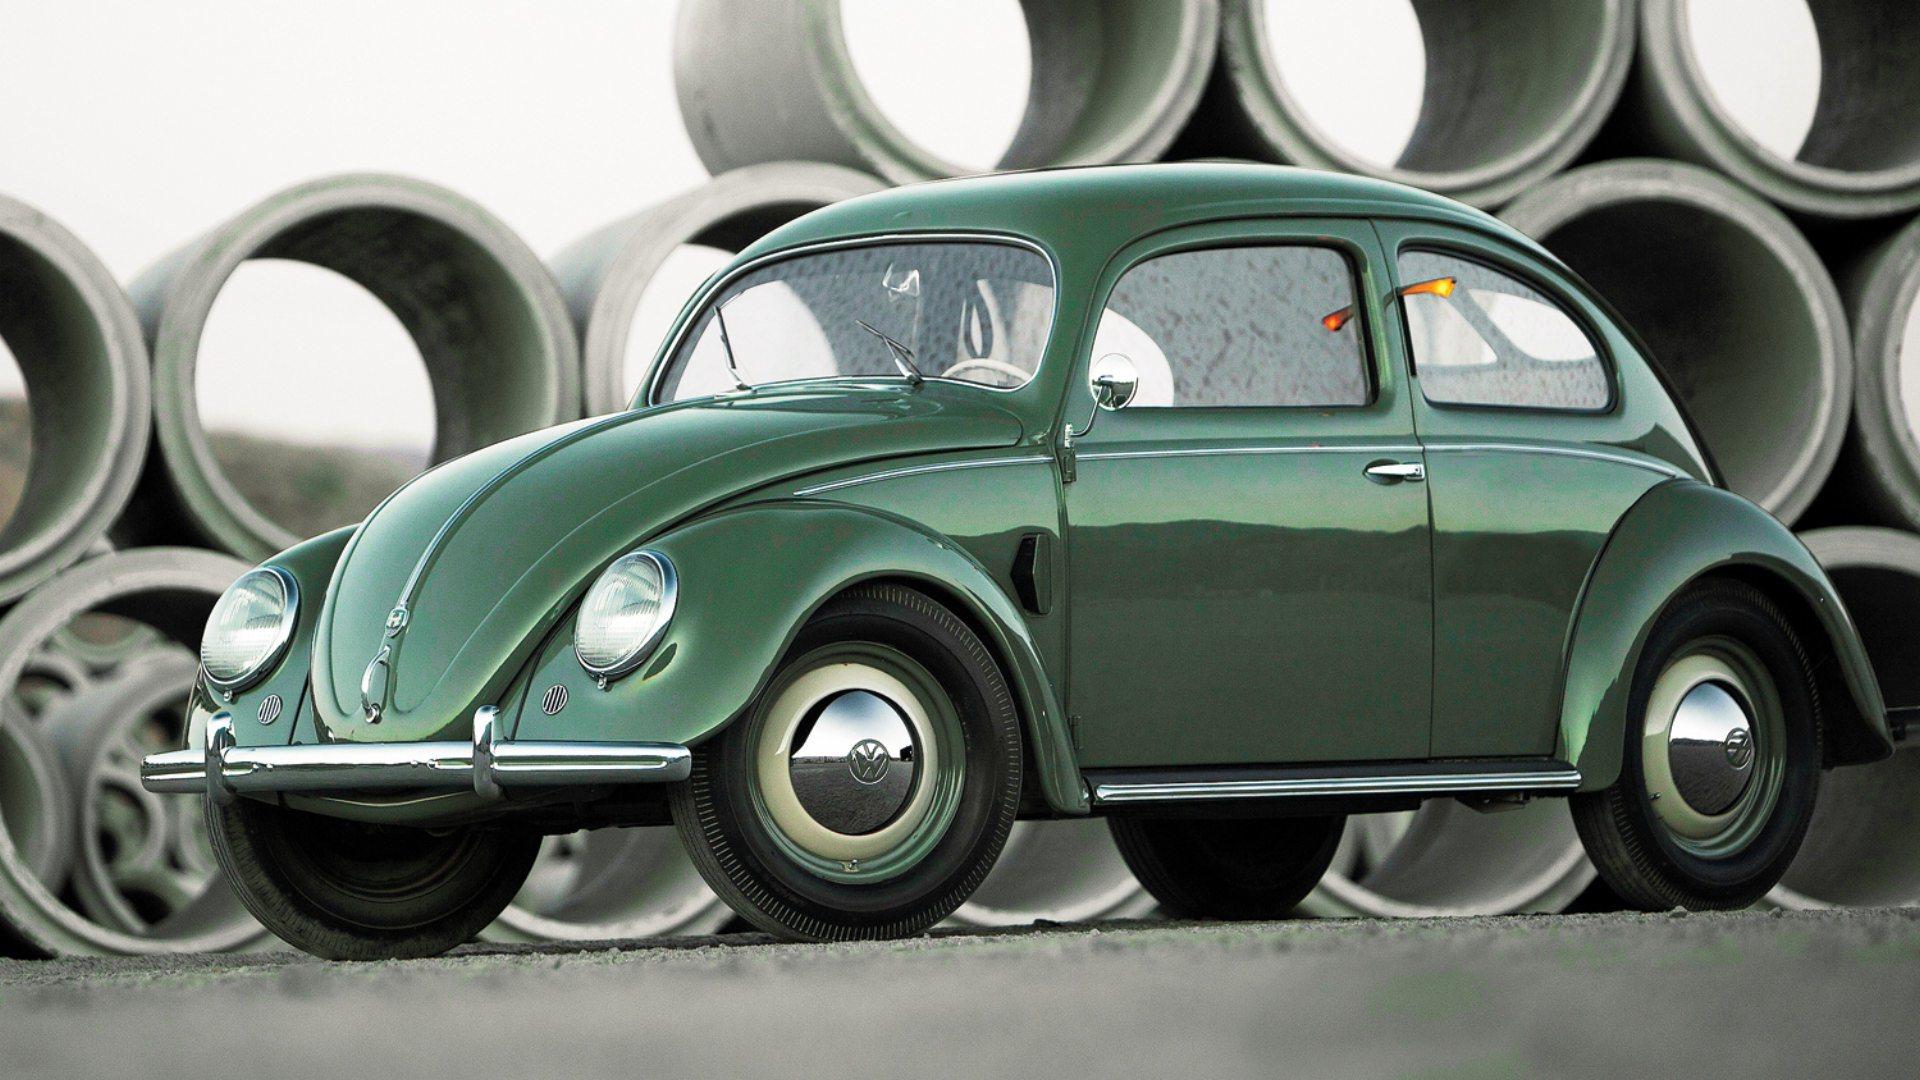 volkswagen beetle classic wallpaper background